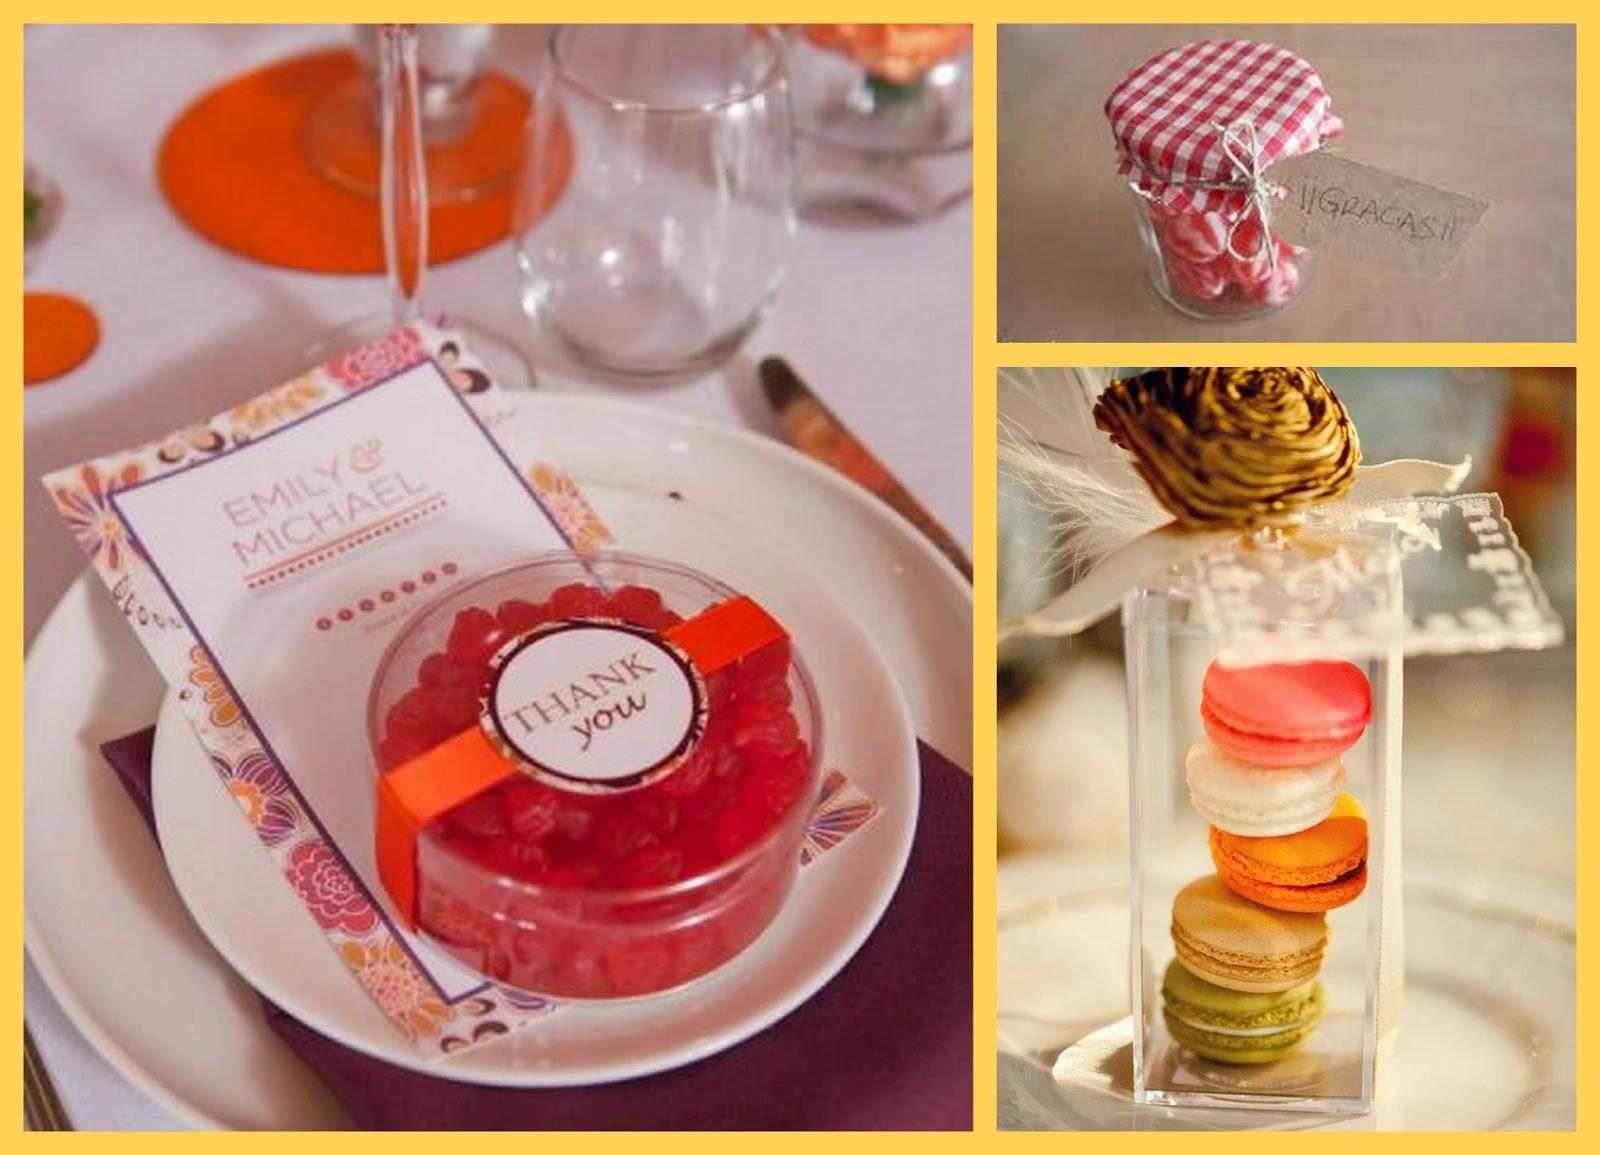 Distribucin y venta de detalles de boda detalles de for Obsequios de boda